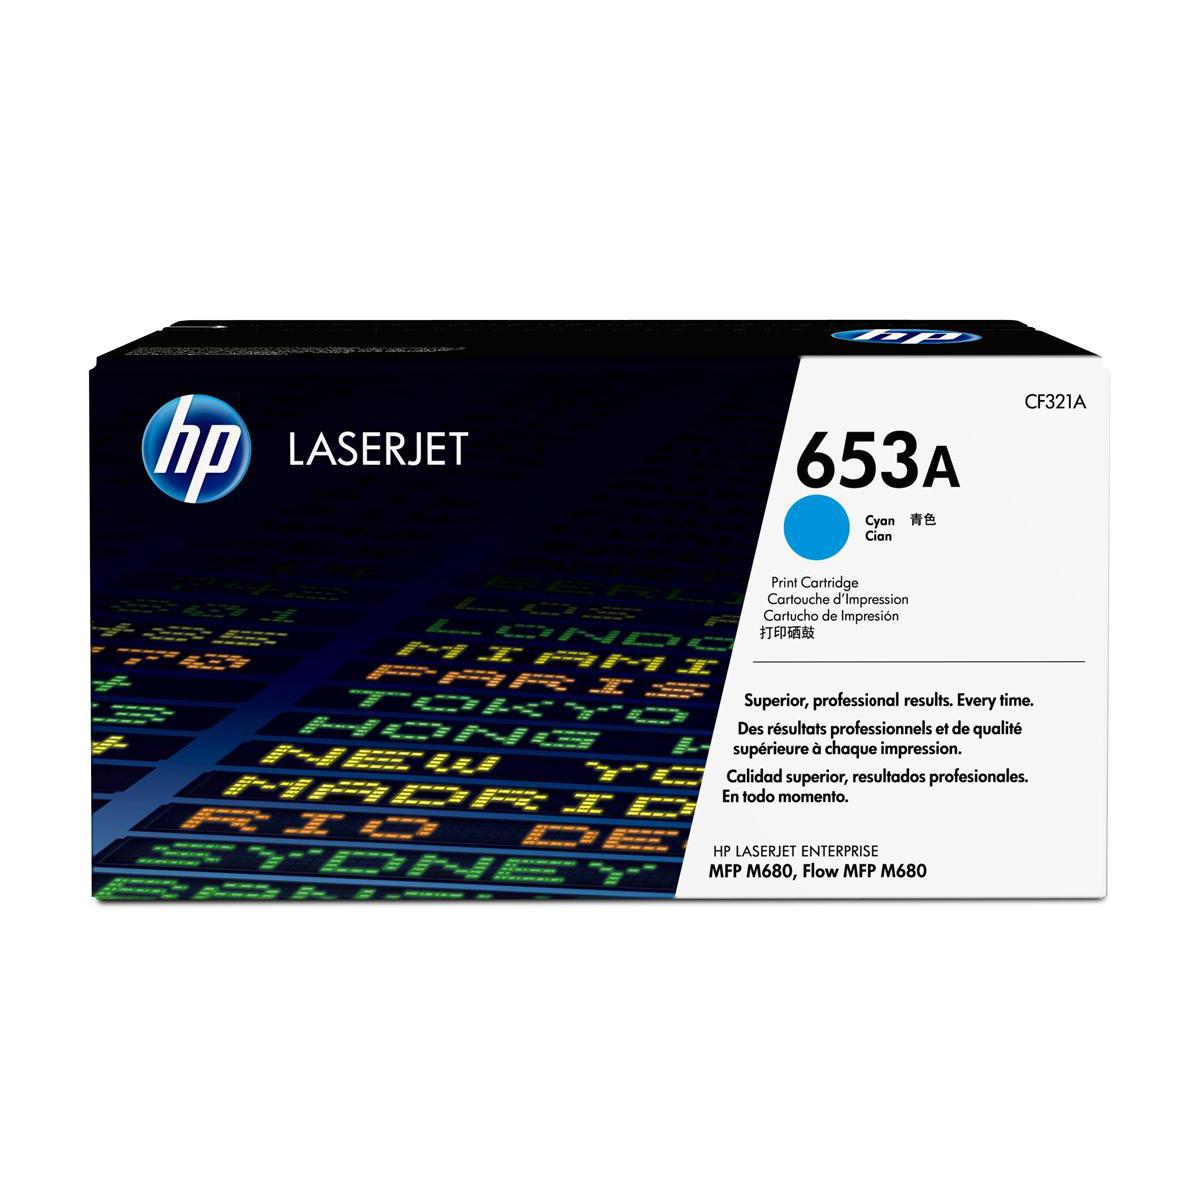 Hewlett Packard [HP] 653A Laser Toner Cartridge Page Life 16500 Cyan Ref CF321A